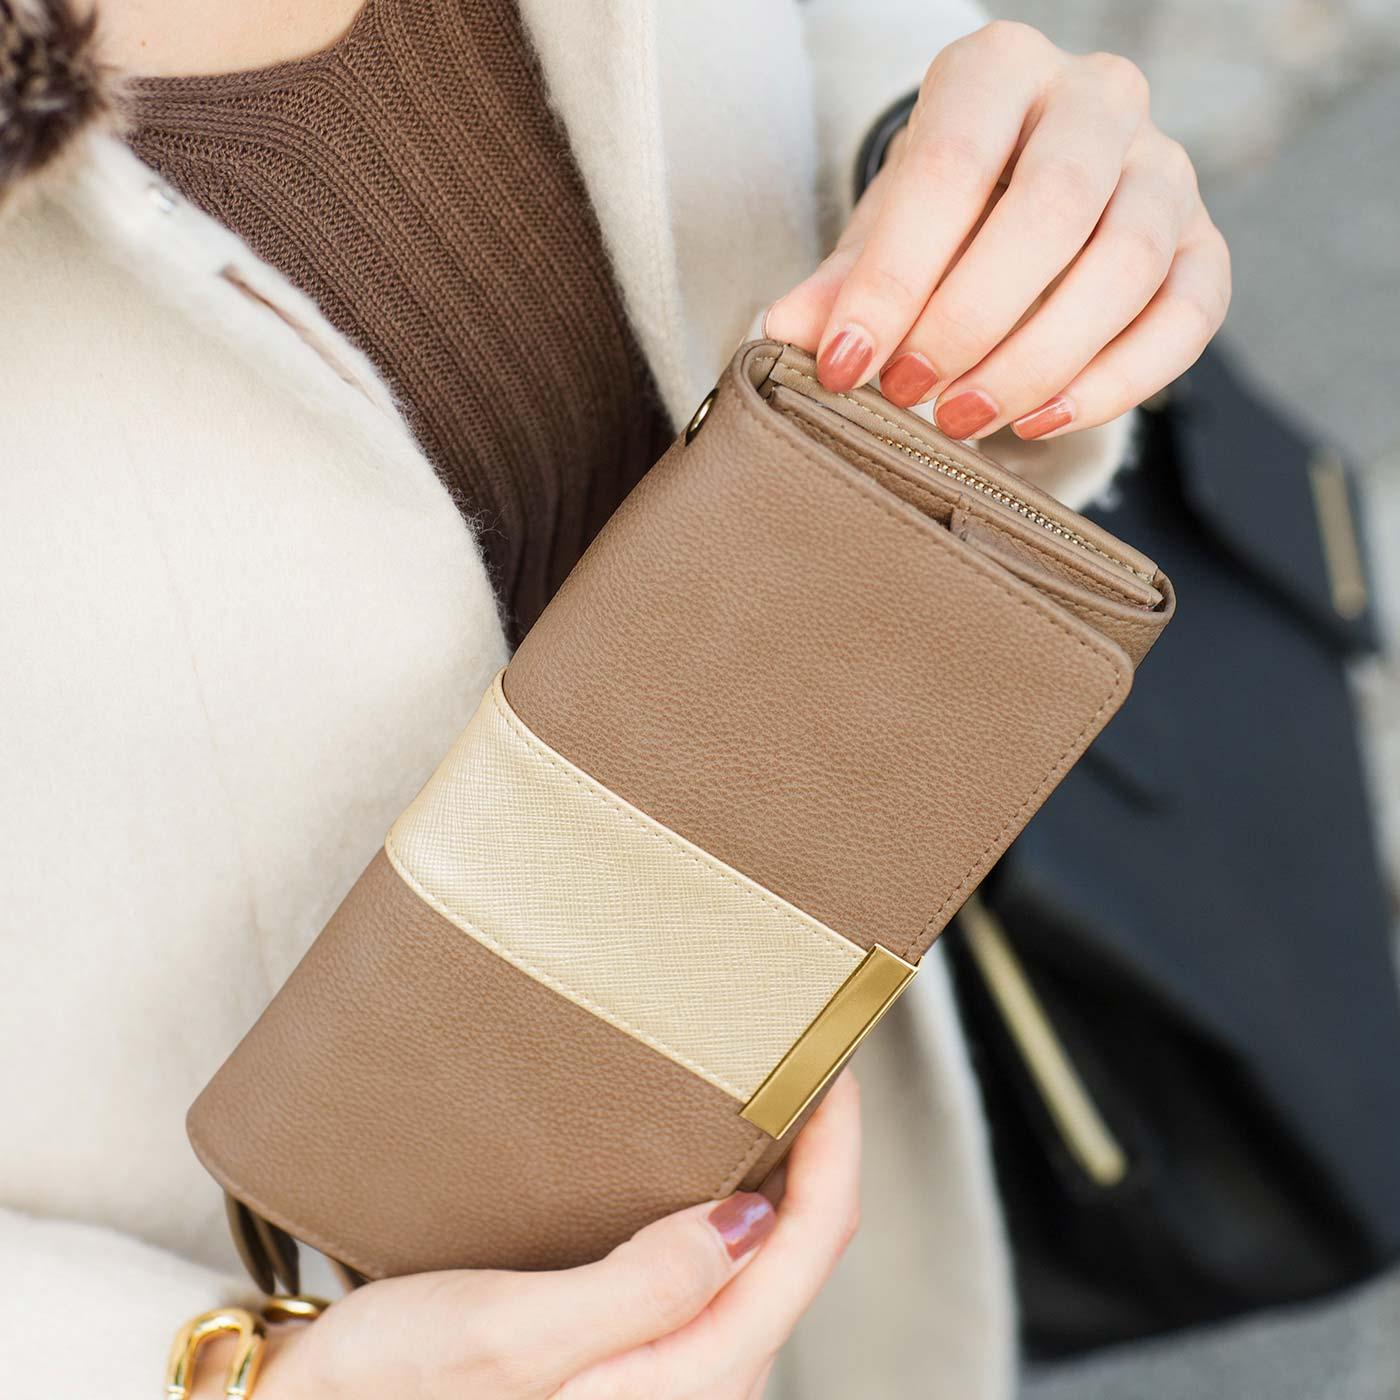 ドッキングさせれば、すっきりひとつのお財布として使えます。